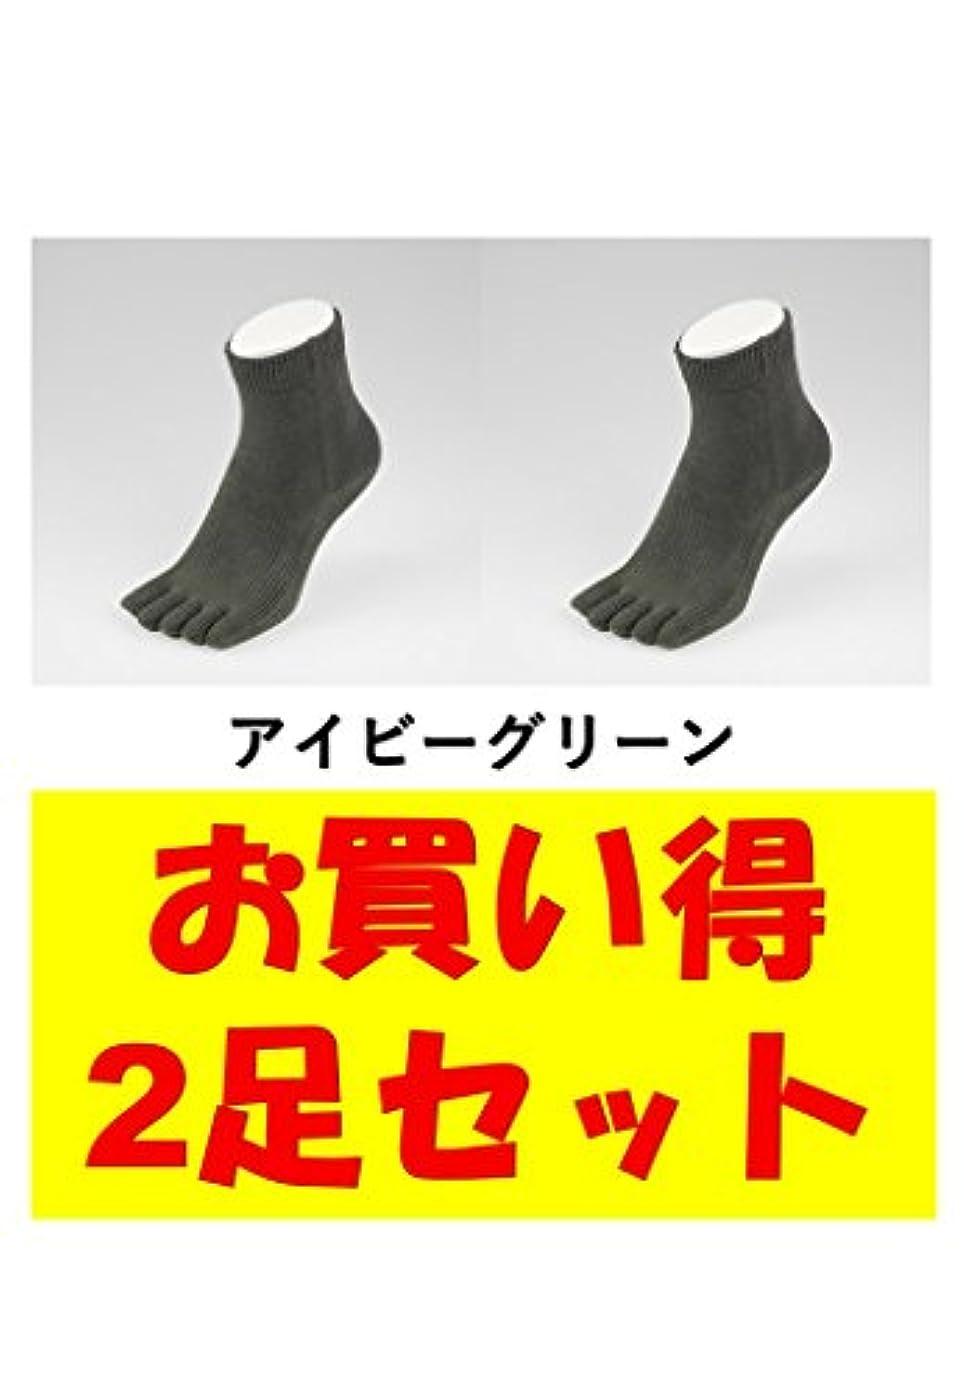 引退するゆるいシーケンスお買い得2足セット 5本指 ゆびのばソックス Neo EVE(イヴ) アイビーグリーン iサイズ(23.5cm - 25.5cm) YSNEVE-IGR